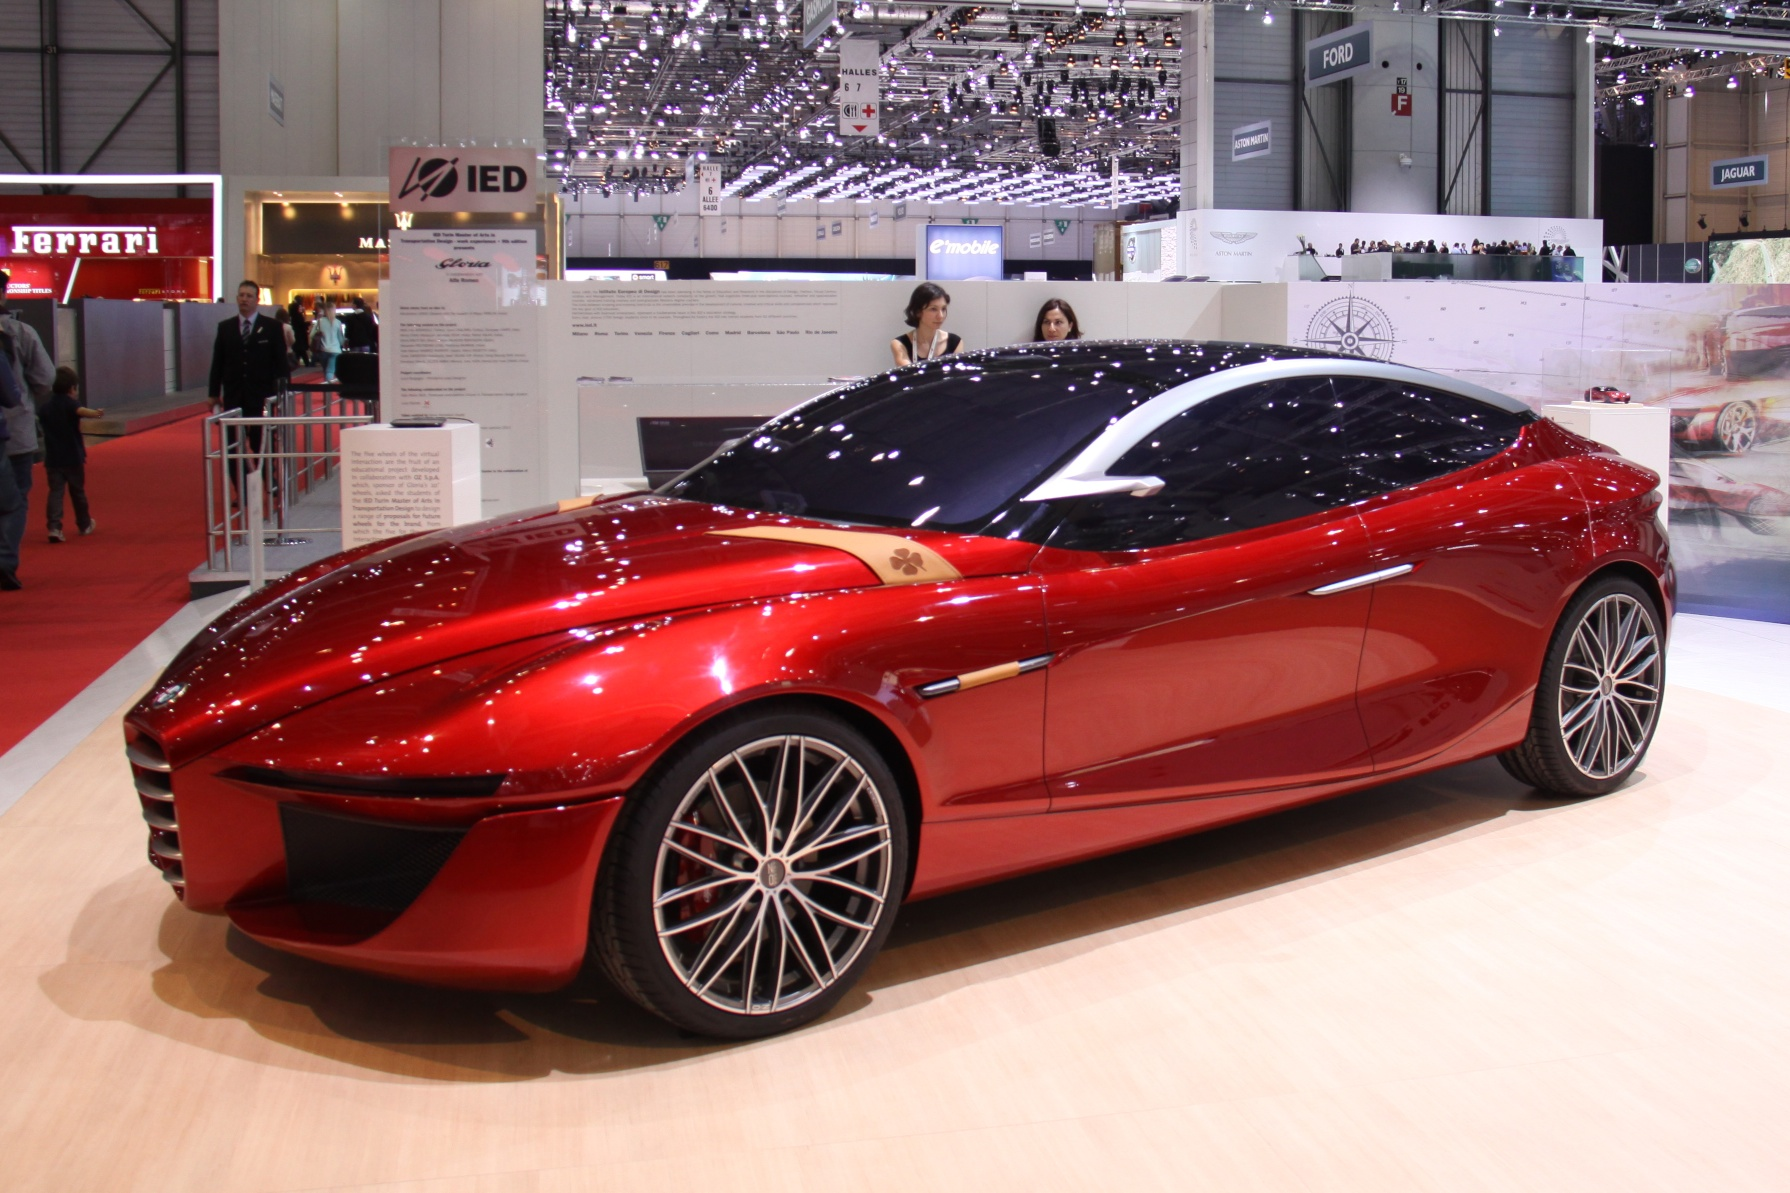 Alfa romeo 4c coupe wikipedia 12